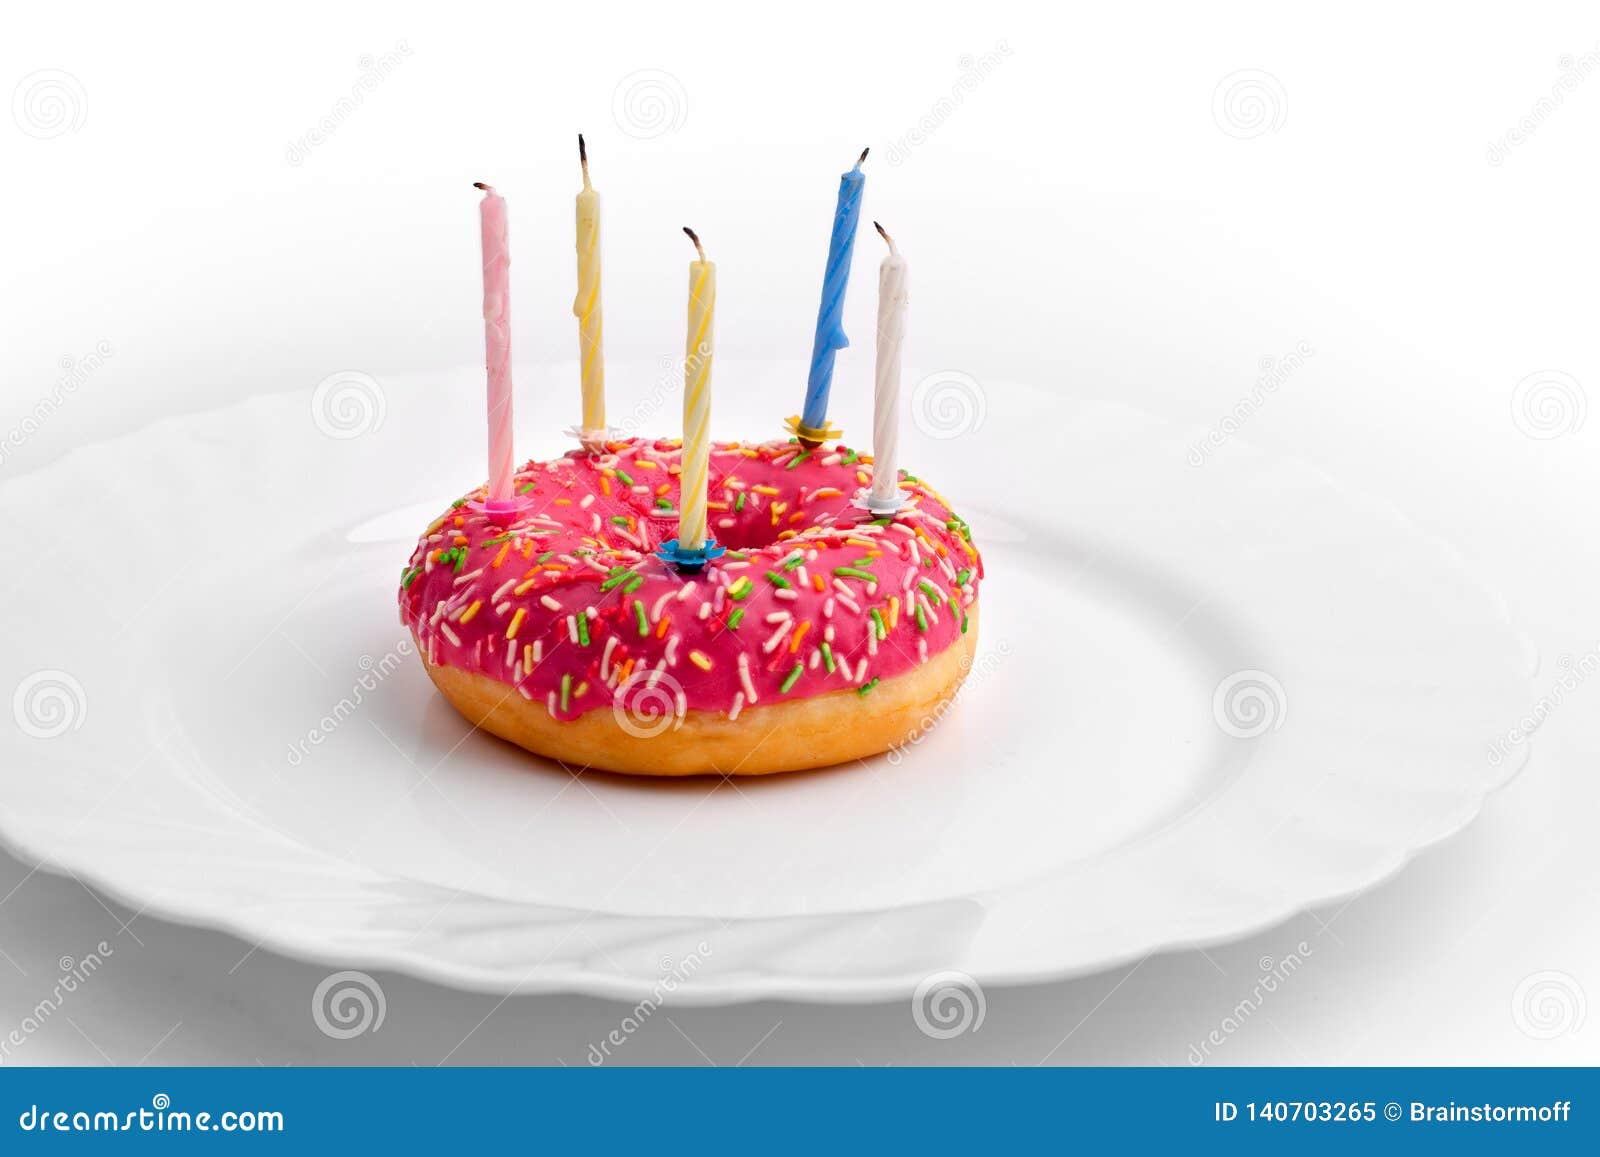 Filhós cor-de-rosa na placa branca como o bolo de aniversário com velas no fundo branco